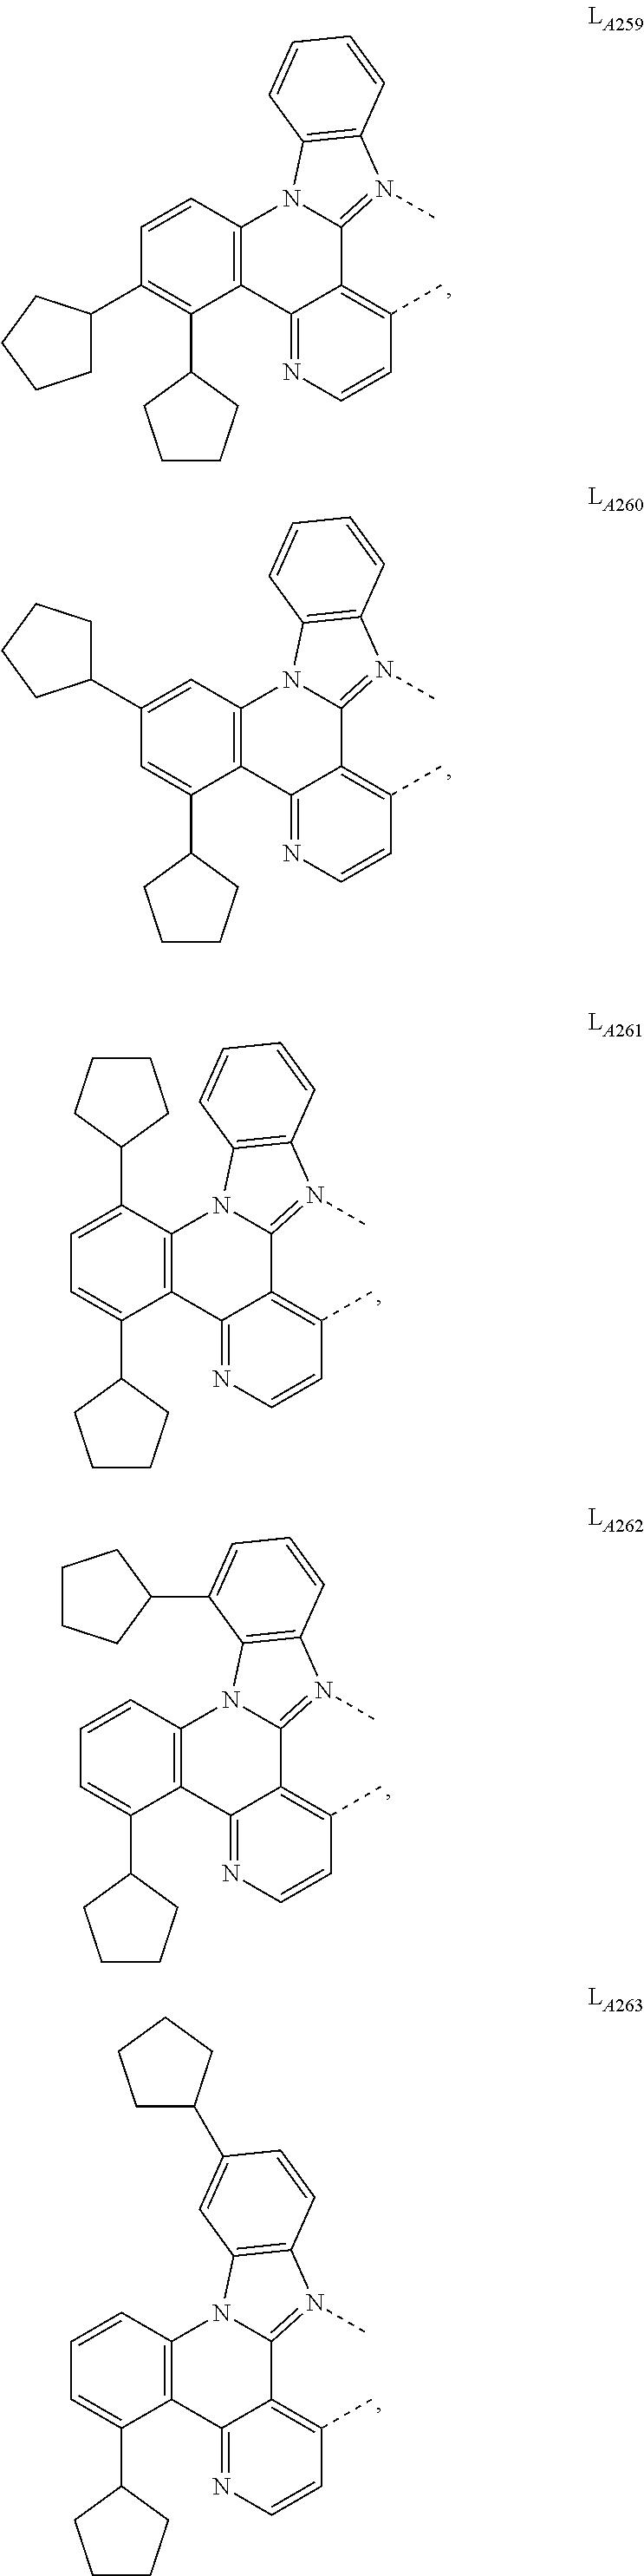 Figure US09905785-20180227-C00480